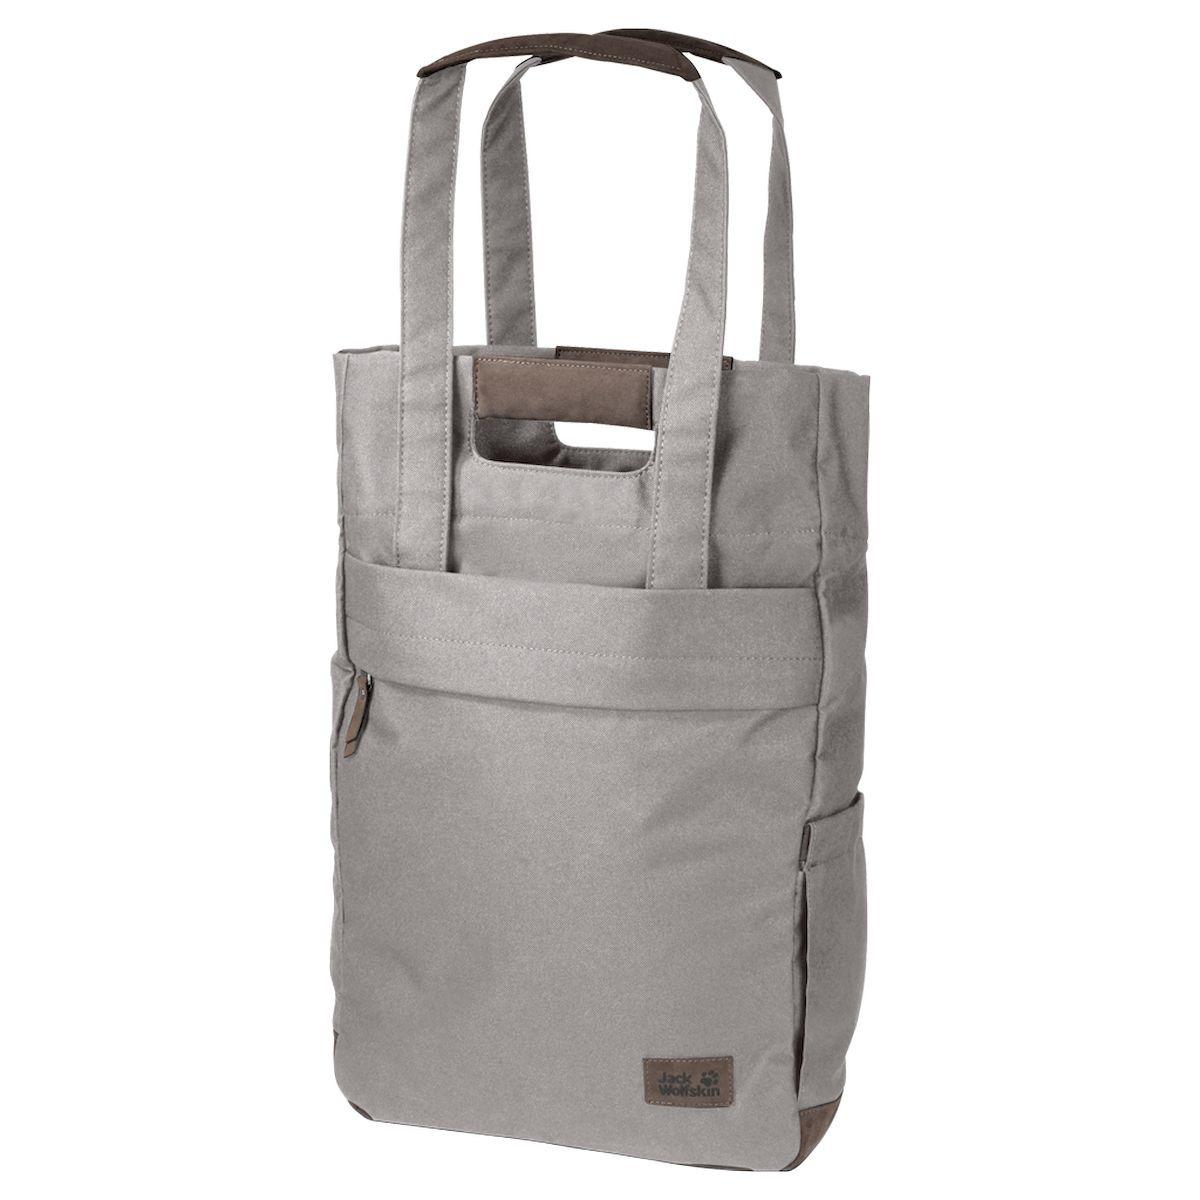 Сумка на плечо Jack Wolfskin baifeng baifeng плечо сумка стиль элегантный серии корейский случайный свет мини чистый цвет нейлон гарнитура отверстие рюкзак женский черный